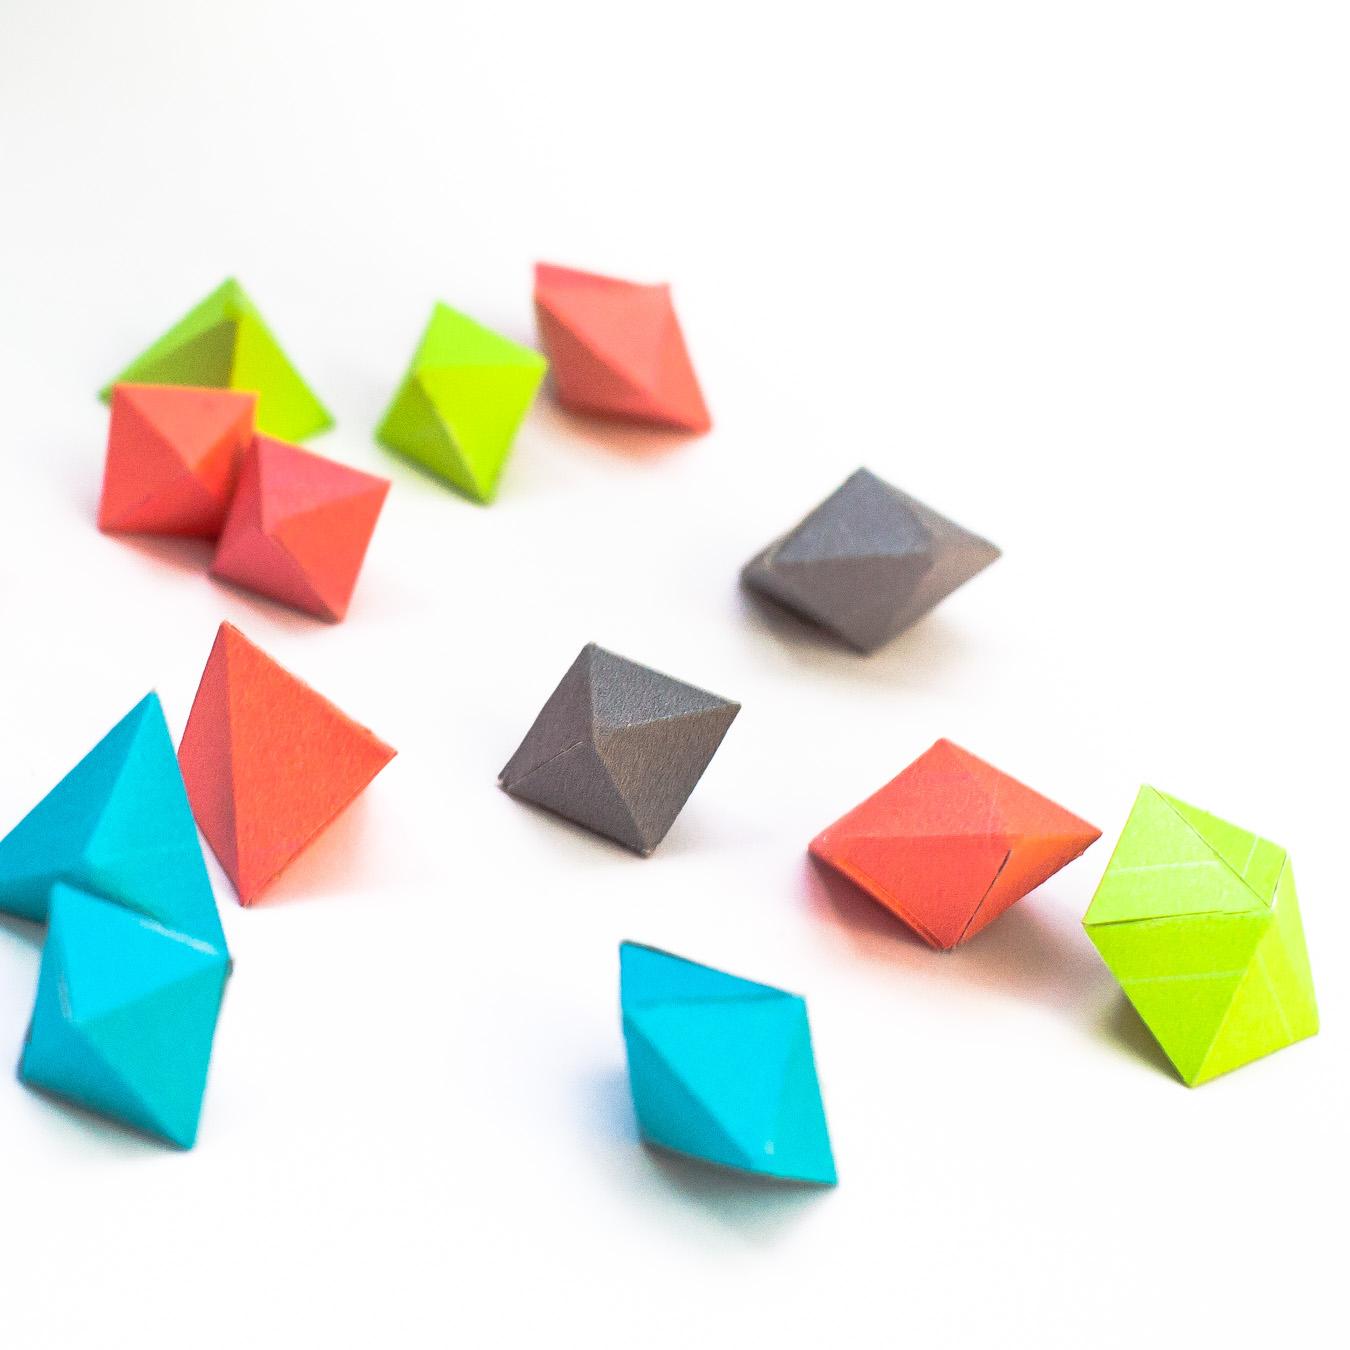 วิธีทำของเล่นโมเดลกระดาษทรงเรขาคณิต 001